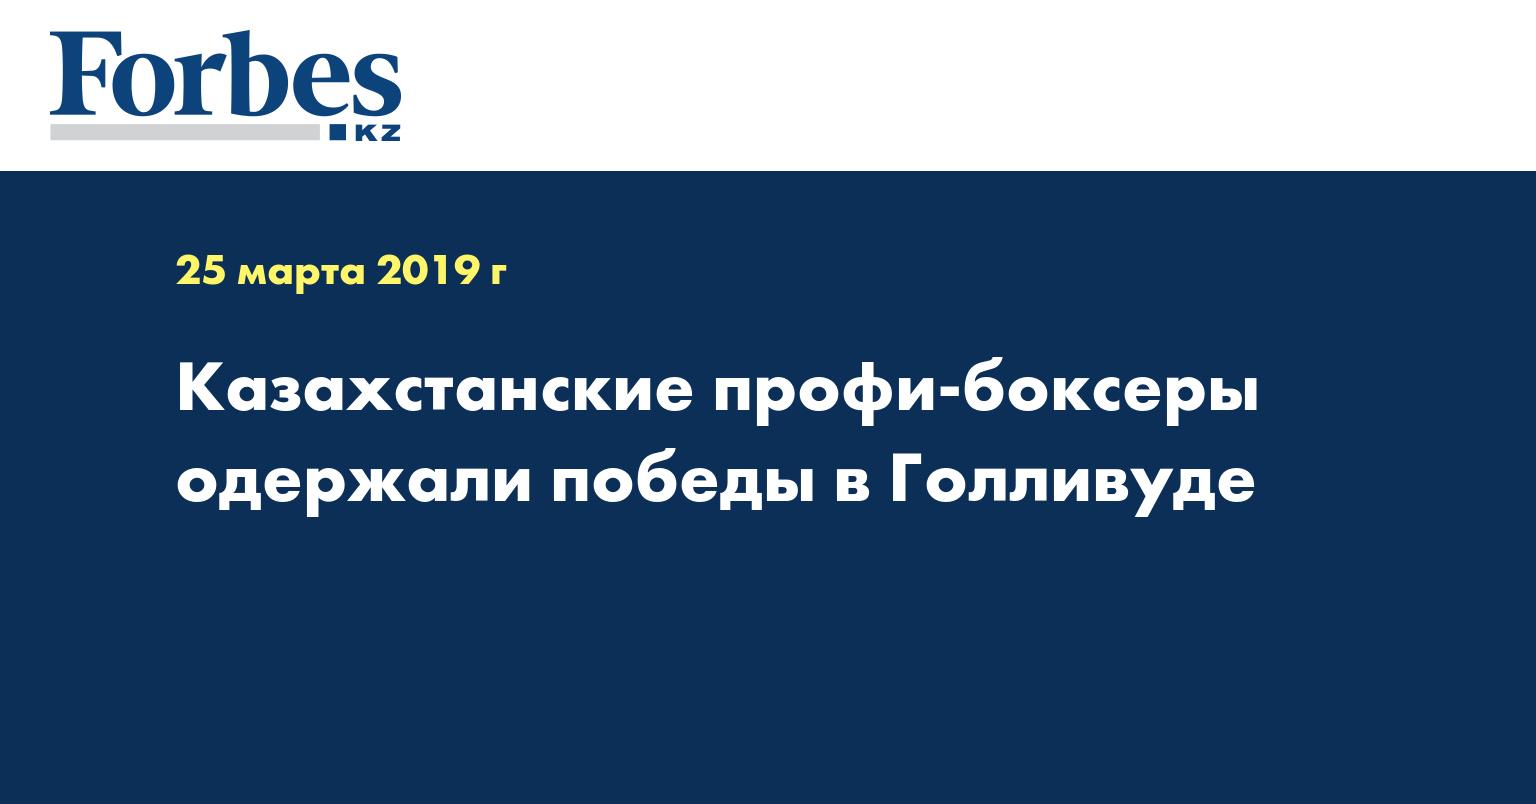 Казахстанские профи-боксеры одержали победы в Голливуде